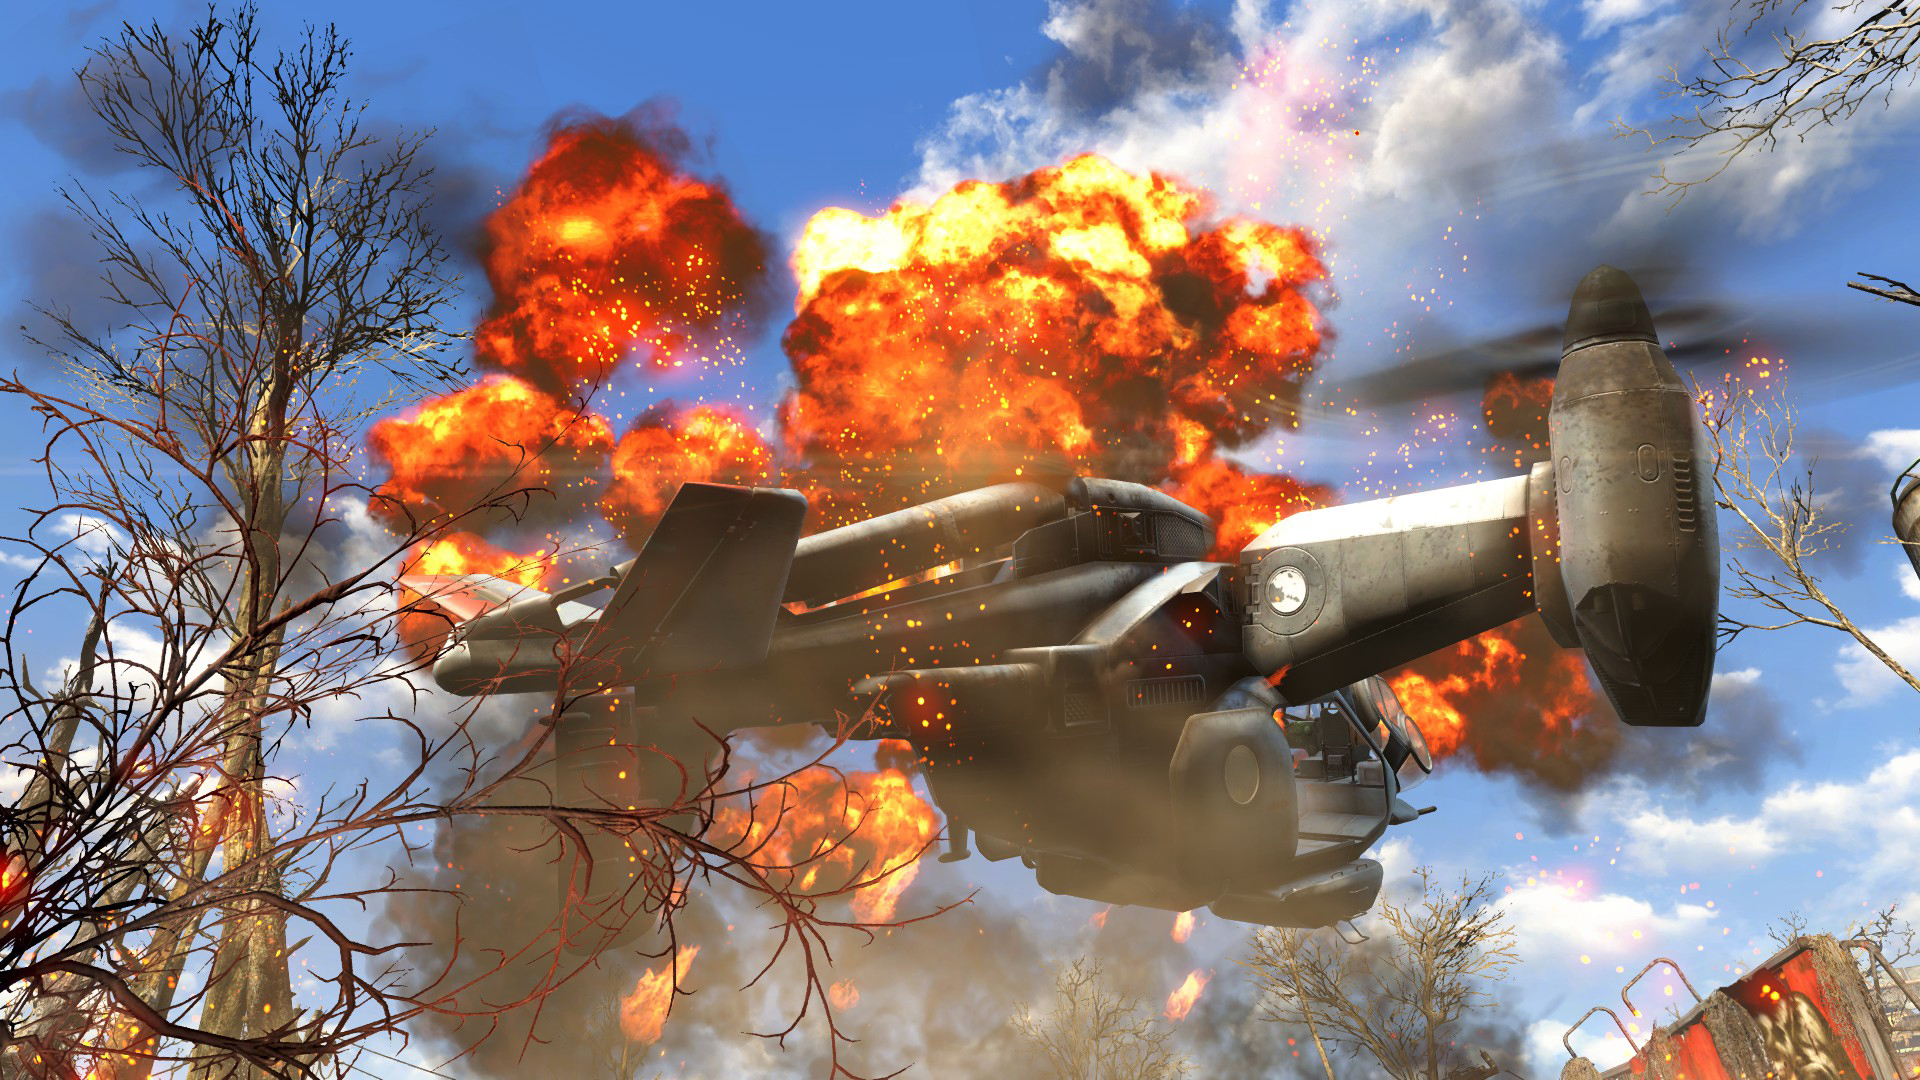 File:FO4 Burning Vertibird.jpg